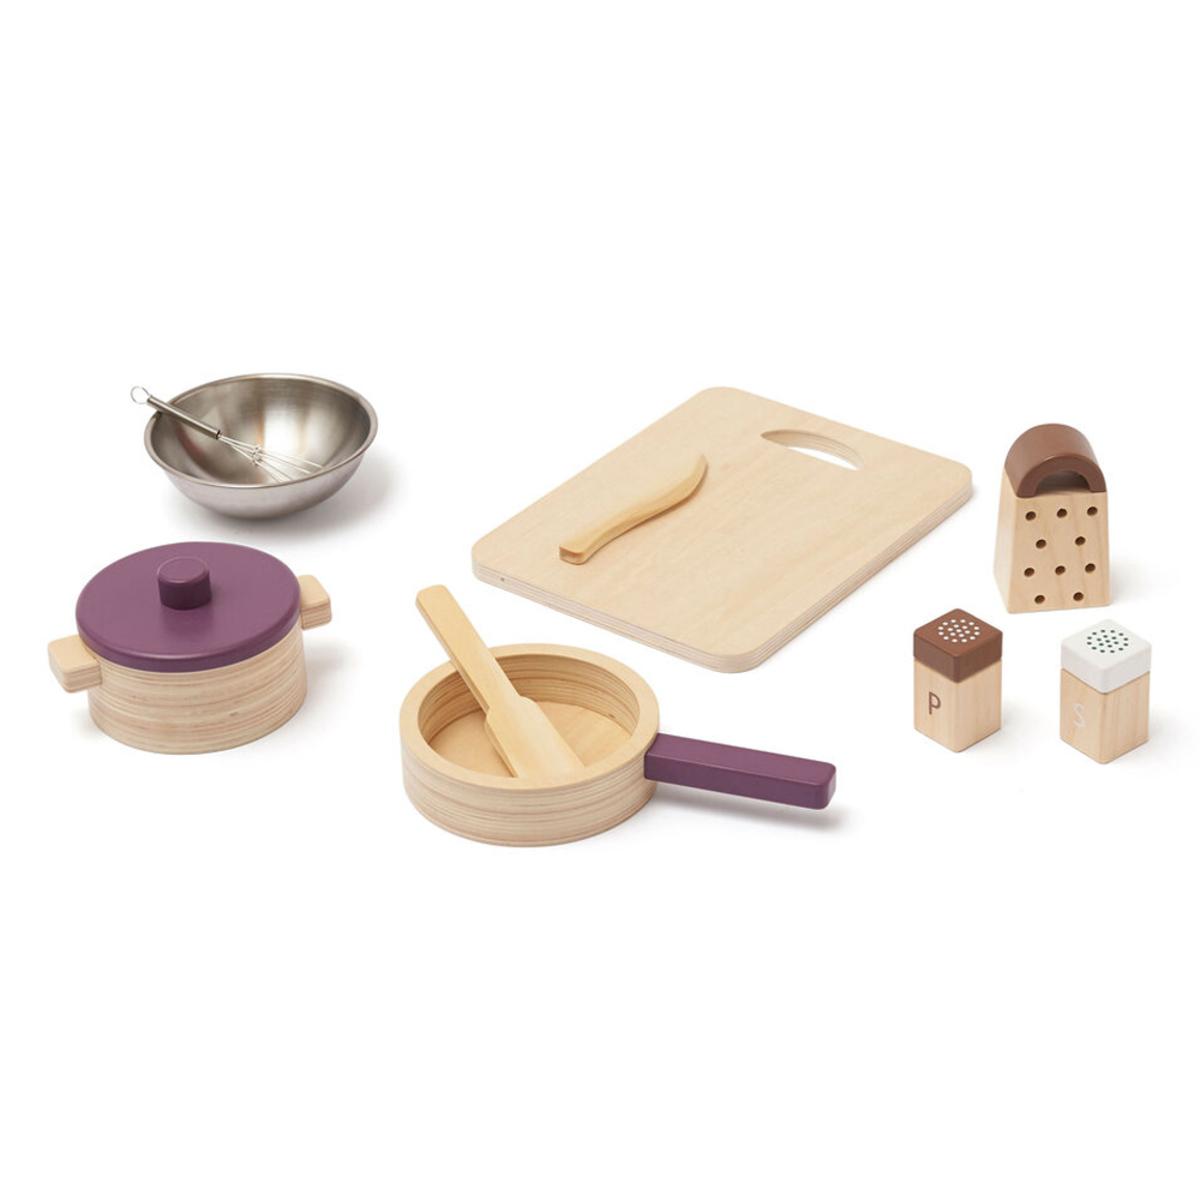 Mes premiers jouets Set d'Ustensiles de Cuisine Bistro Set d'Ustensiles de Cuisine Bistro